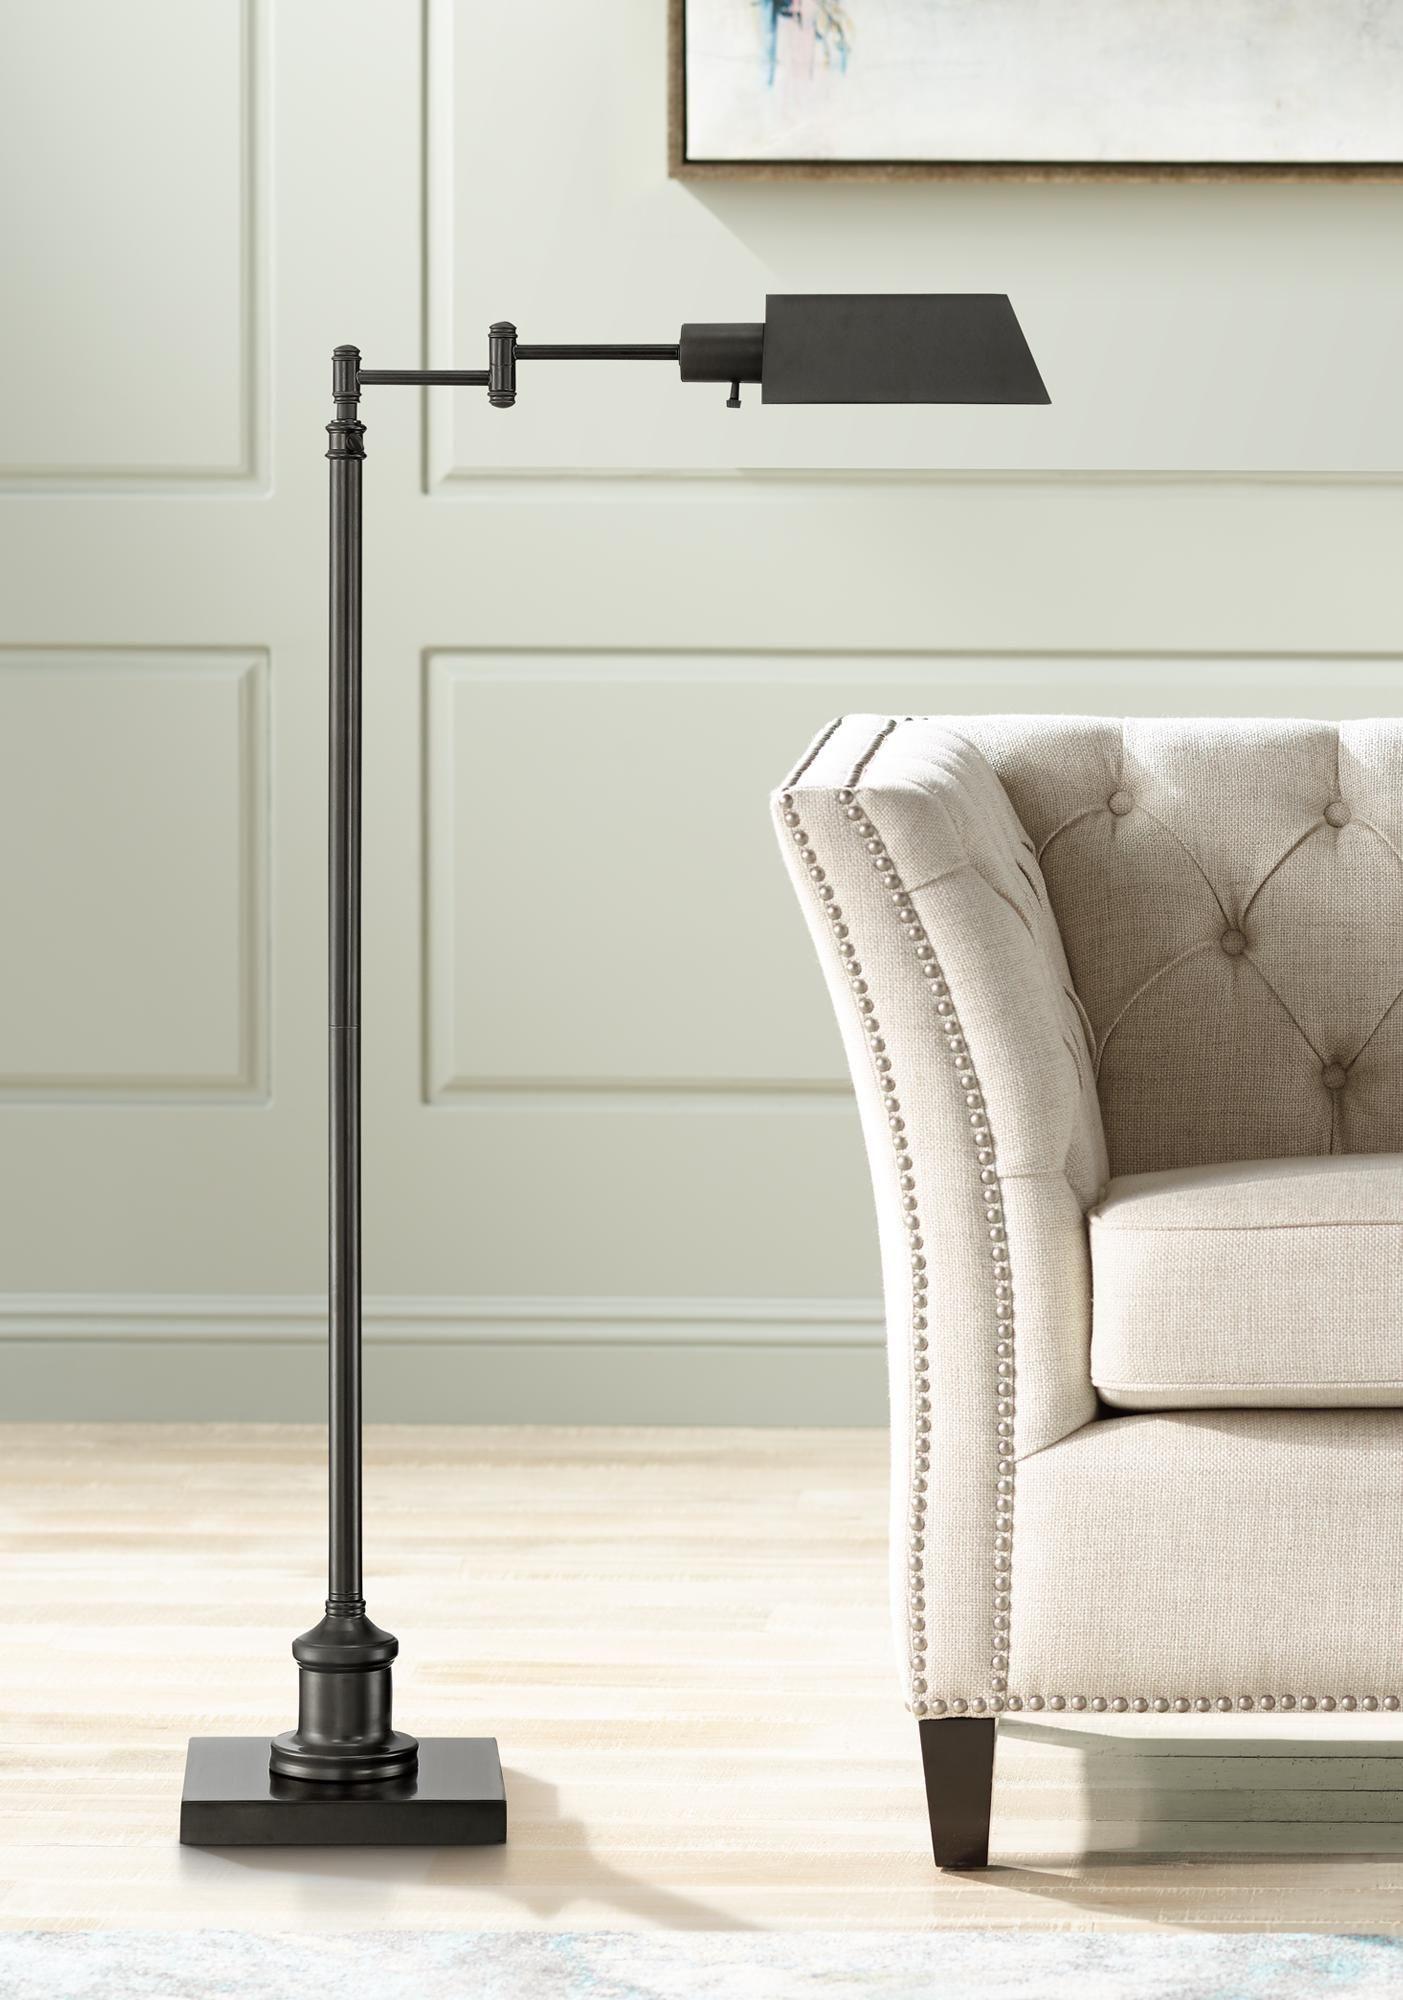 Floor Lamps Jenson Dark Bronze Pharmacy Floor Lamp in